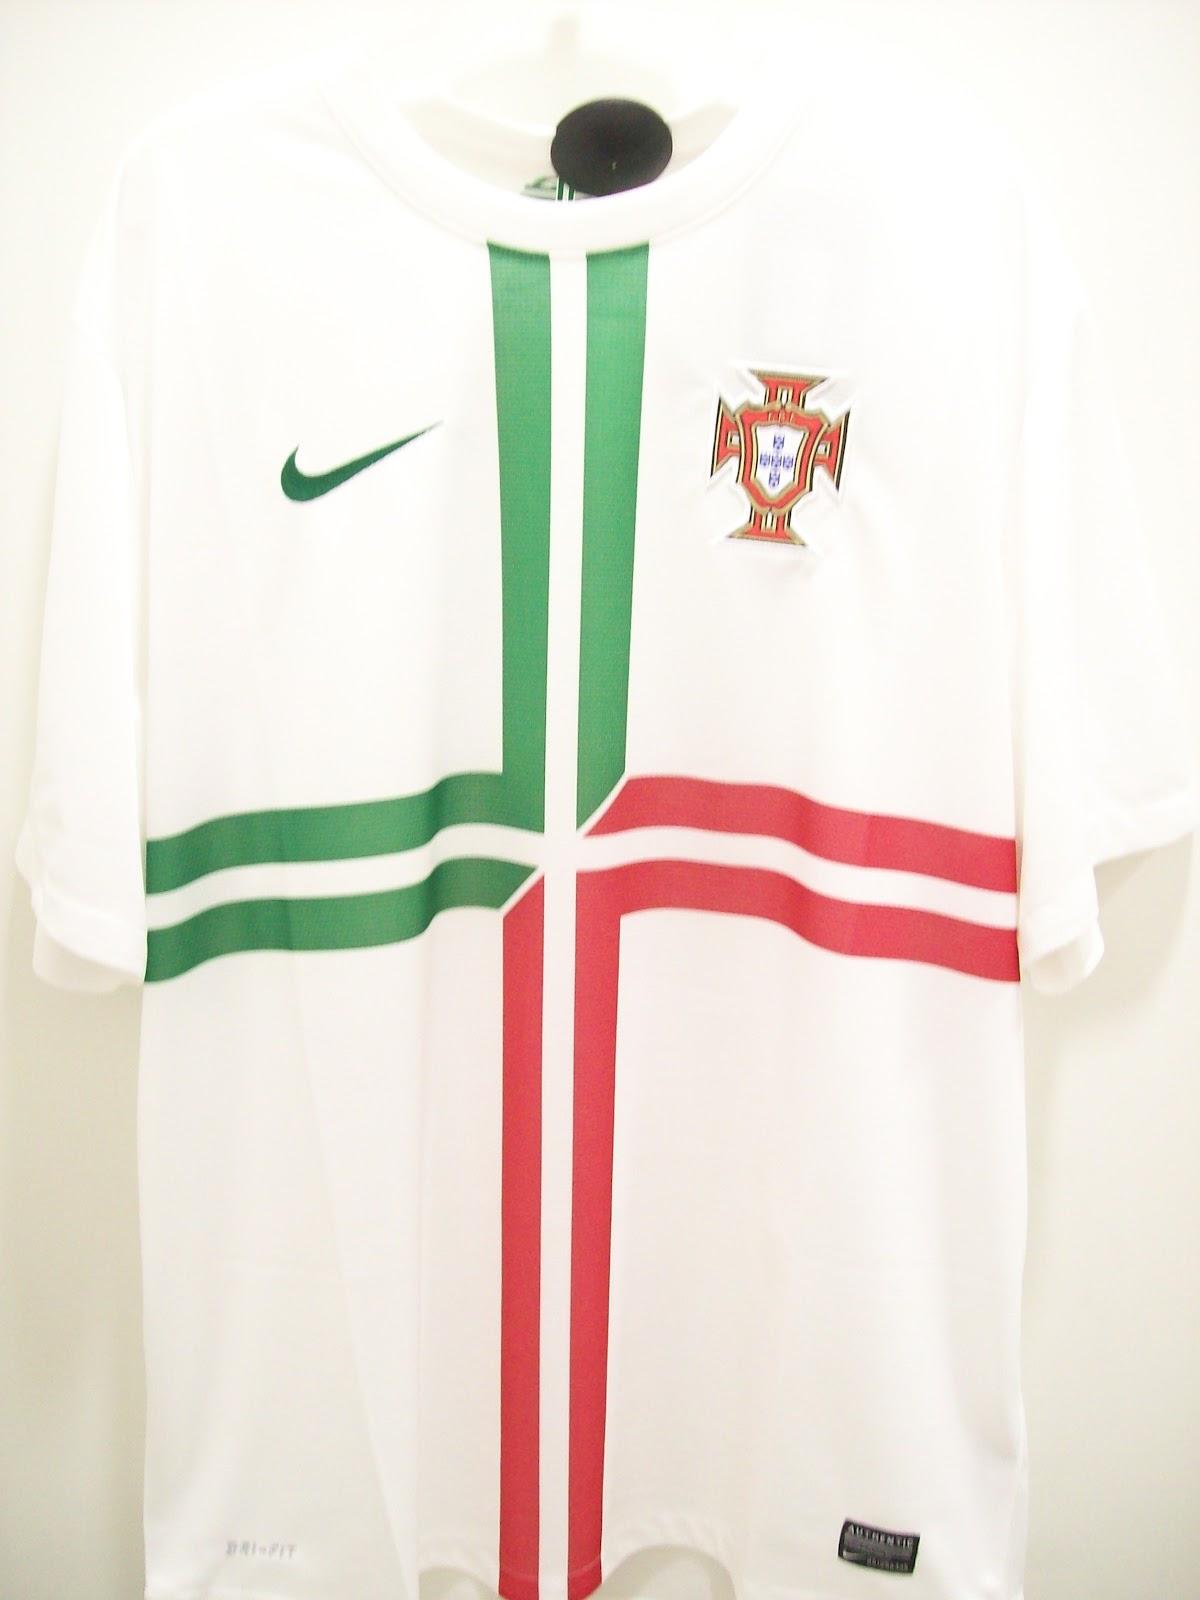 24b2a3164a Dia 25 05 2012. A Euro 2012 vem aí e uma das seleções que podem se destacar  é a França. A França tem uma camisa away bonita